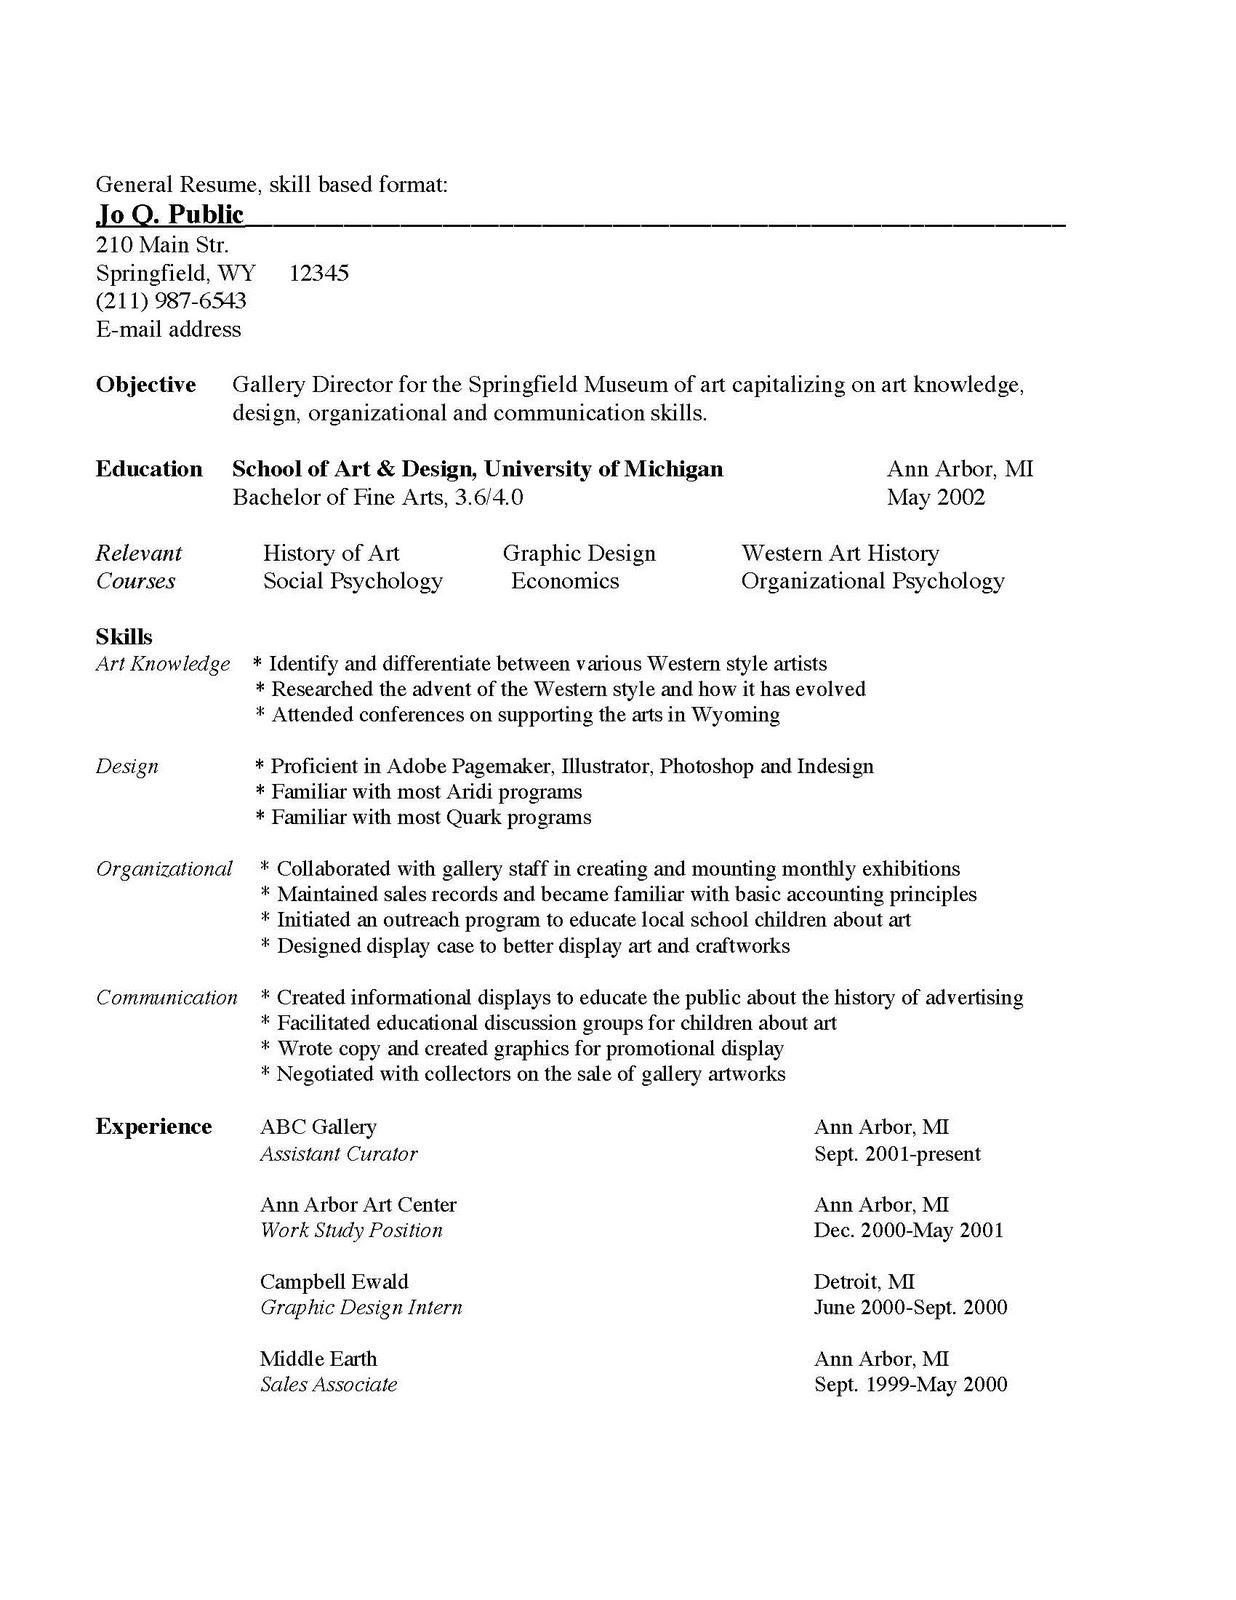 Stevecampbell Hillwood Resume Formats For Artists